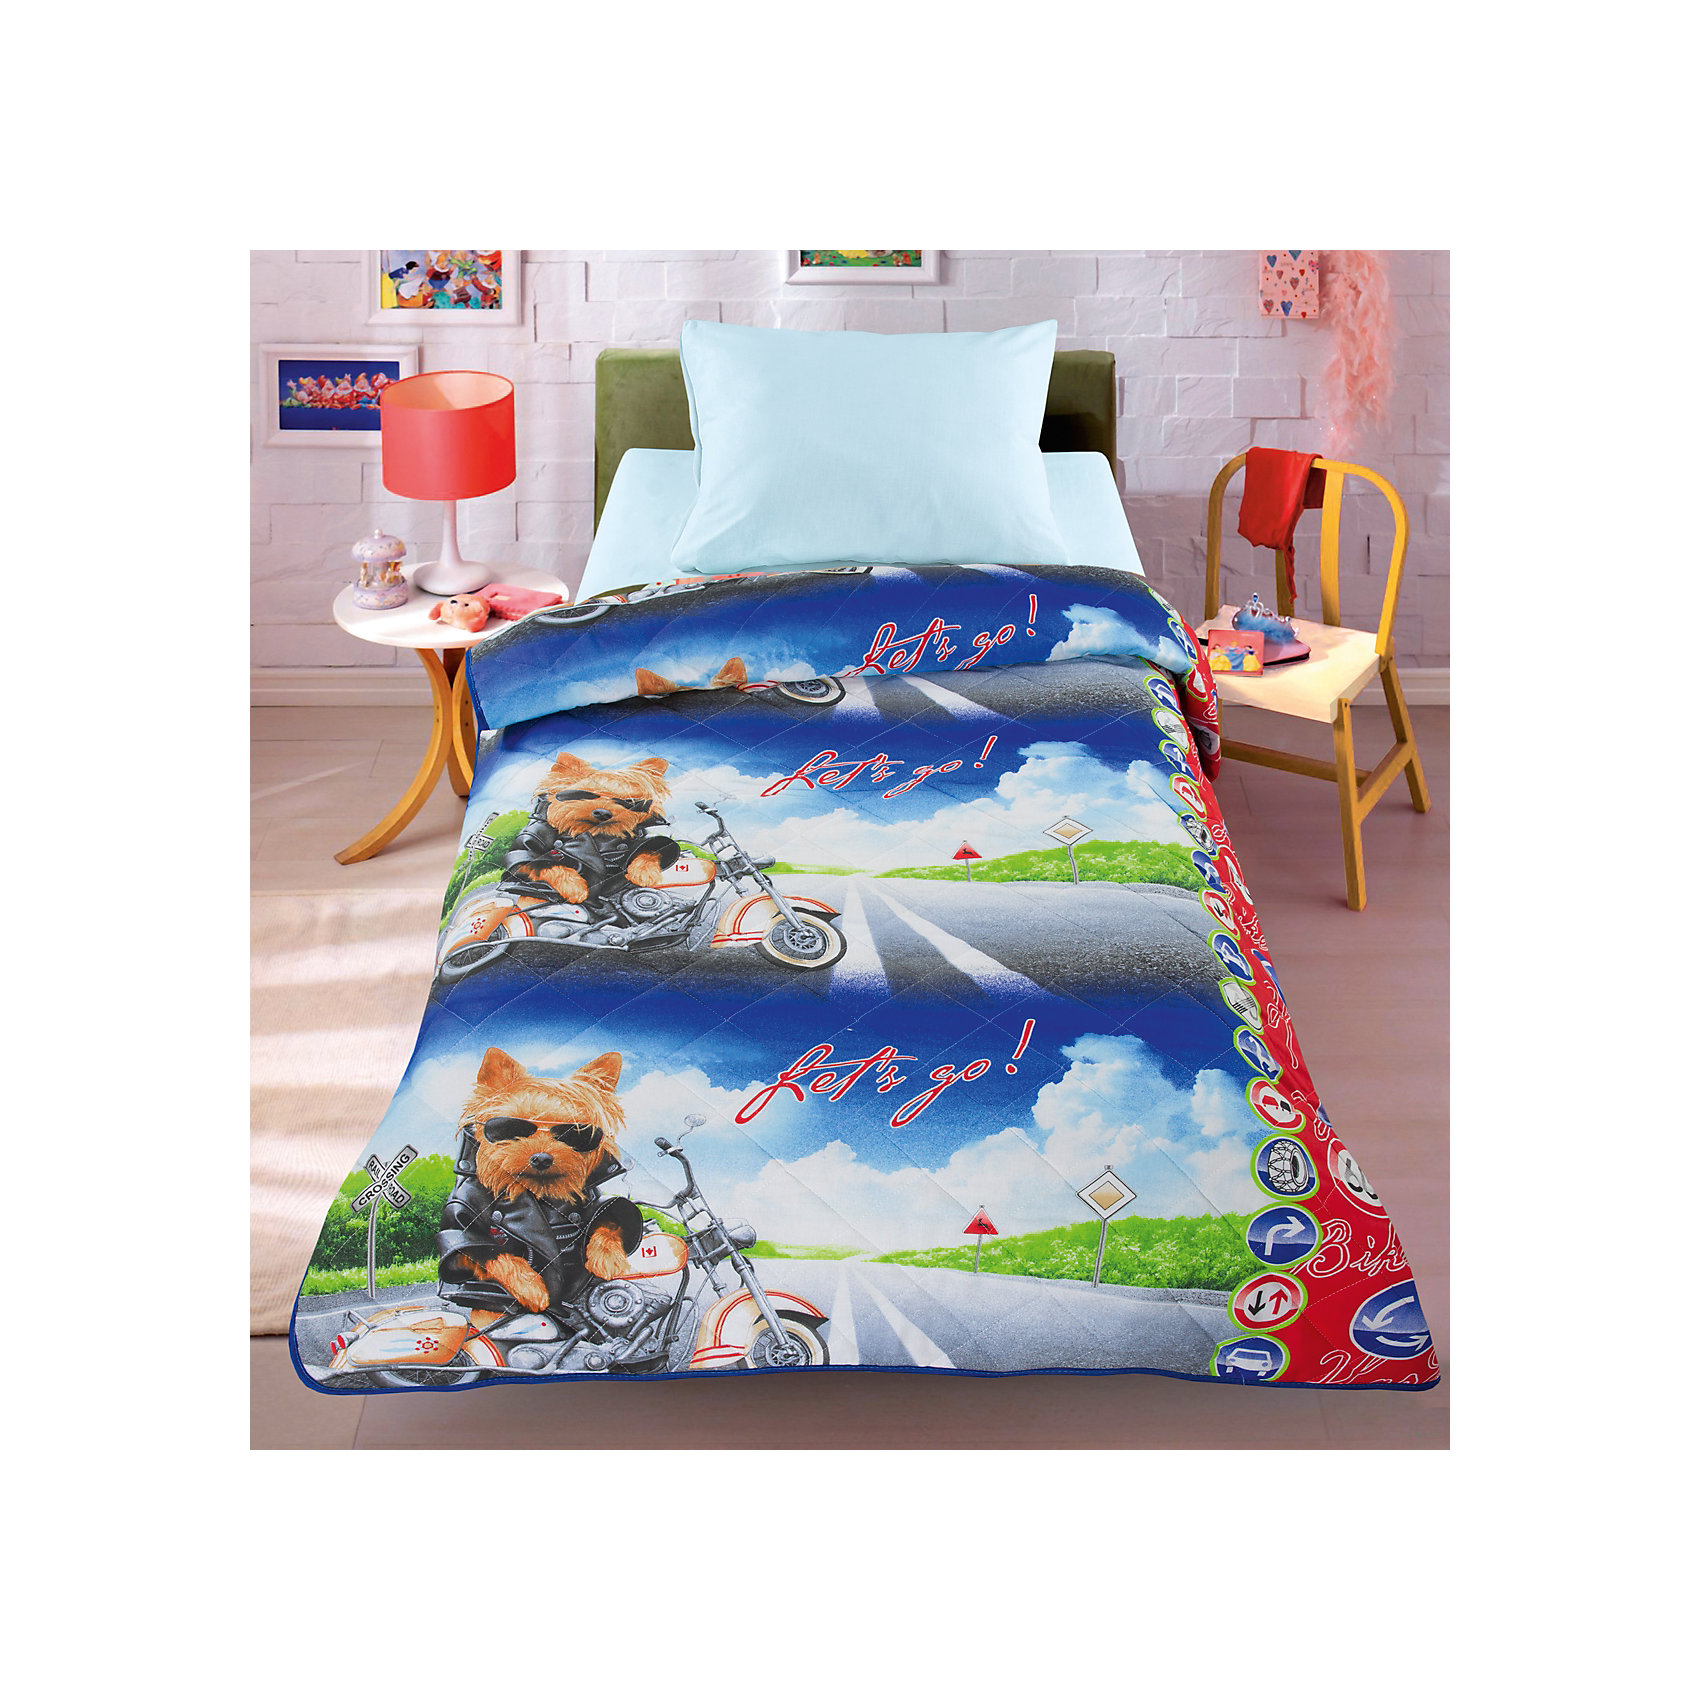 Двустороннее покрывало-одеяло Супербайк 140*200 смДомашний текстиль<br>Яркое стеганое покрывало с оригинальным рисунком и двусторонним дизайном отлично впишется в интерьер детской и обязательно понравится ребенку. Оно выполнено из натурального хлопка, наполнитель - силиконизированное волокно. Изделие можно использовать как одеяло, под ним ребенку не будет жарко даже летом. Прекрасный вариант для детской комнаты. <br><br>Дополнительная информация:<br><br>- Материал верха: хлопок 100%.<br>- Наполнитель: силиконизированное волокно.<br>- Размер: 140х200 см.<br>- Цвет: белый, голубой, черный, красный.<br>- Стирка: машинная, деликатный режим, 30?.<br><br>Двустороннее покрывало-одеяло Супербайк, 140х200 см, можно купить в нашем магазине.<br><br>Ширина мм: 400<br>Глубина мм: 100<br>Высота мм: 500<br>Вес г: 1500<br>Возраст от месяцев: 36<br>Возраст до месяцев: 120<br>Пол: Мужской<br>Возраст: Детский<br>SKU: 4557460